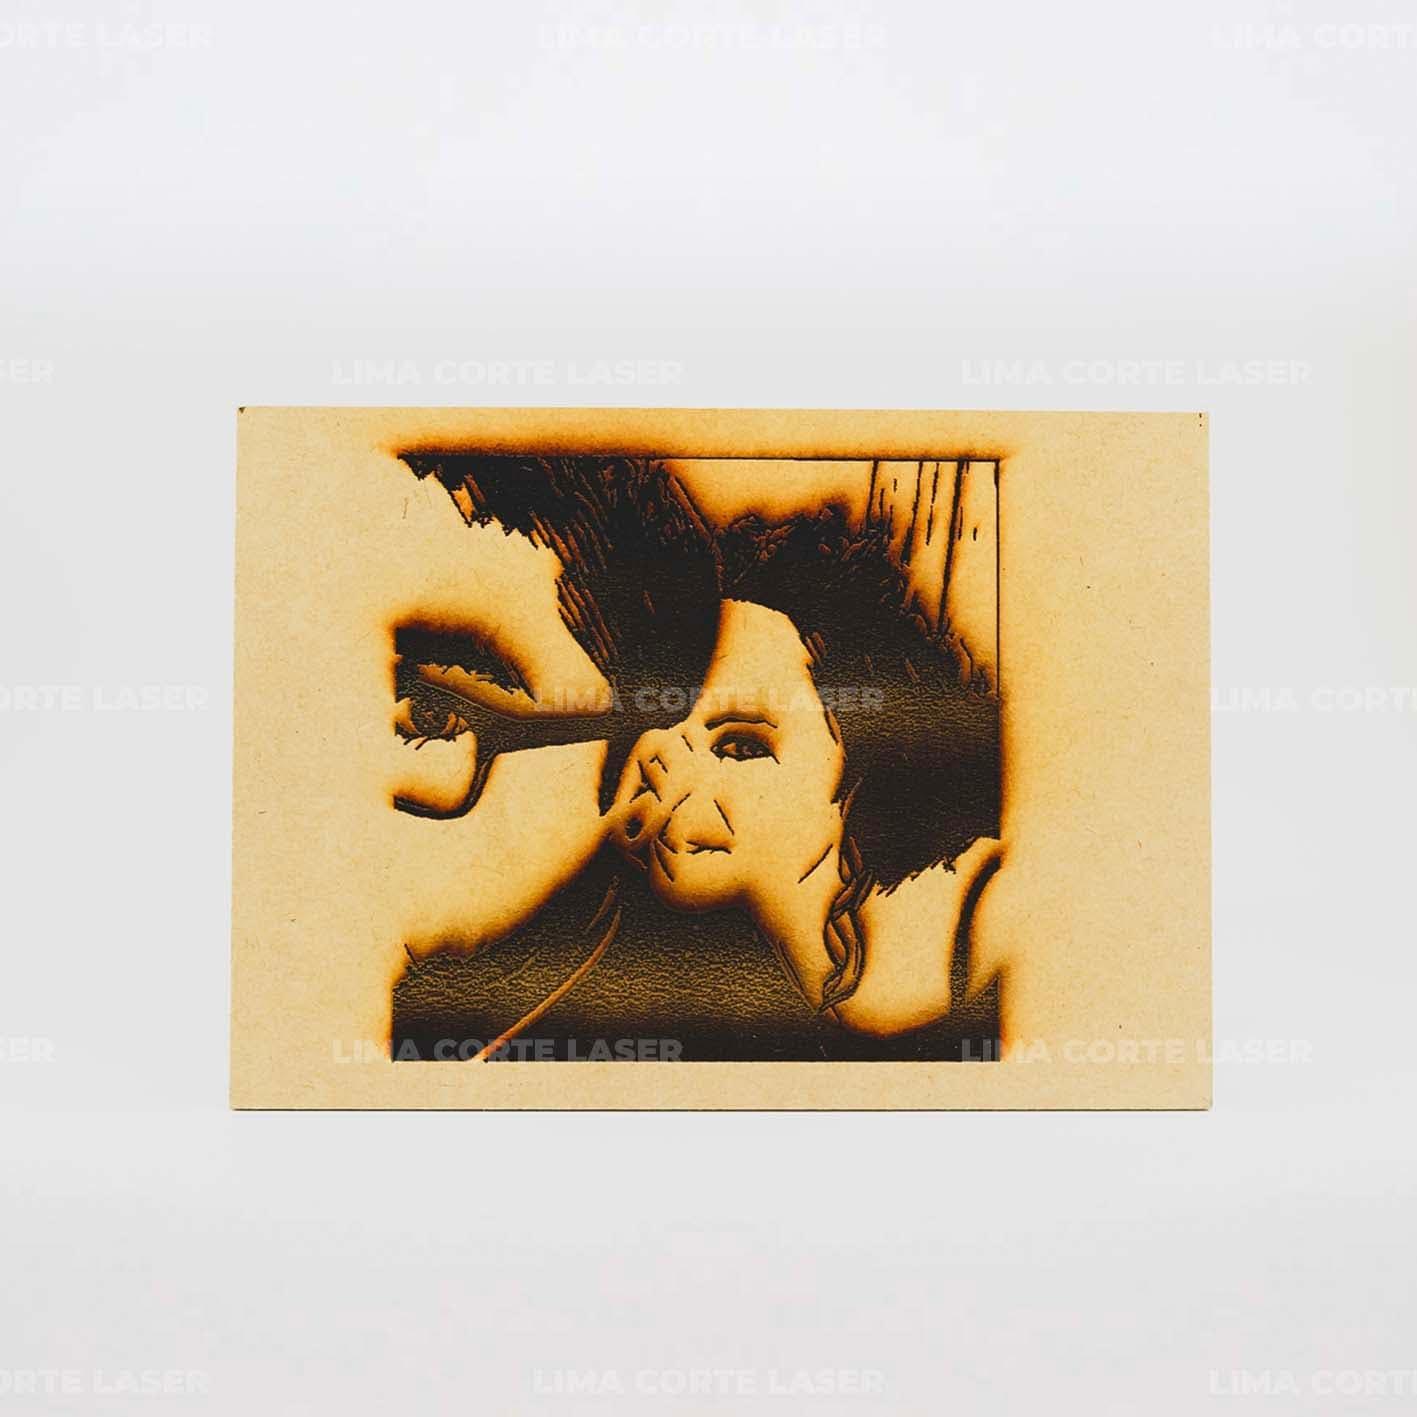 Fotografía grabada con láser en madera